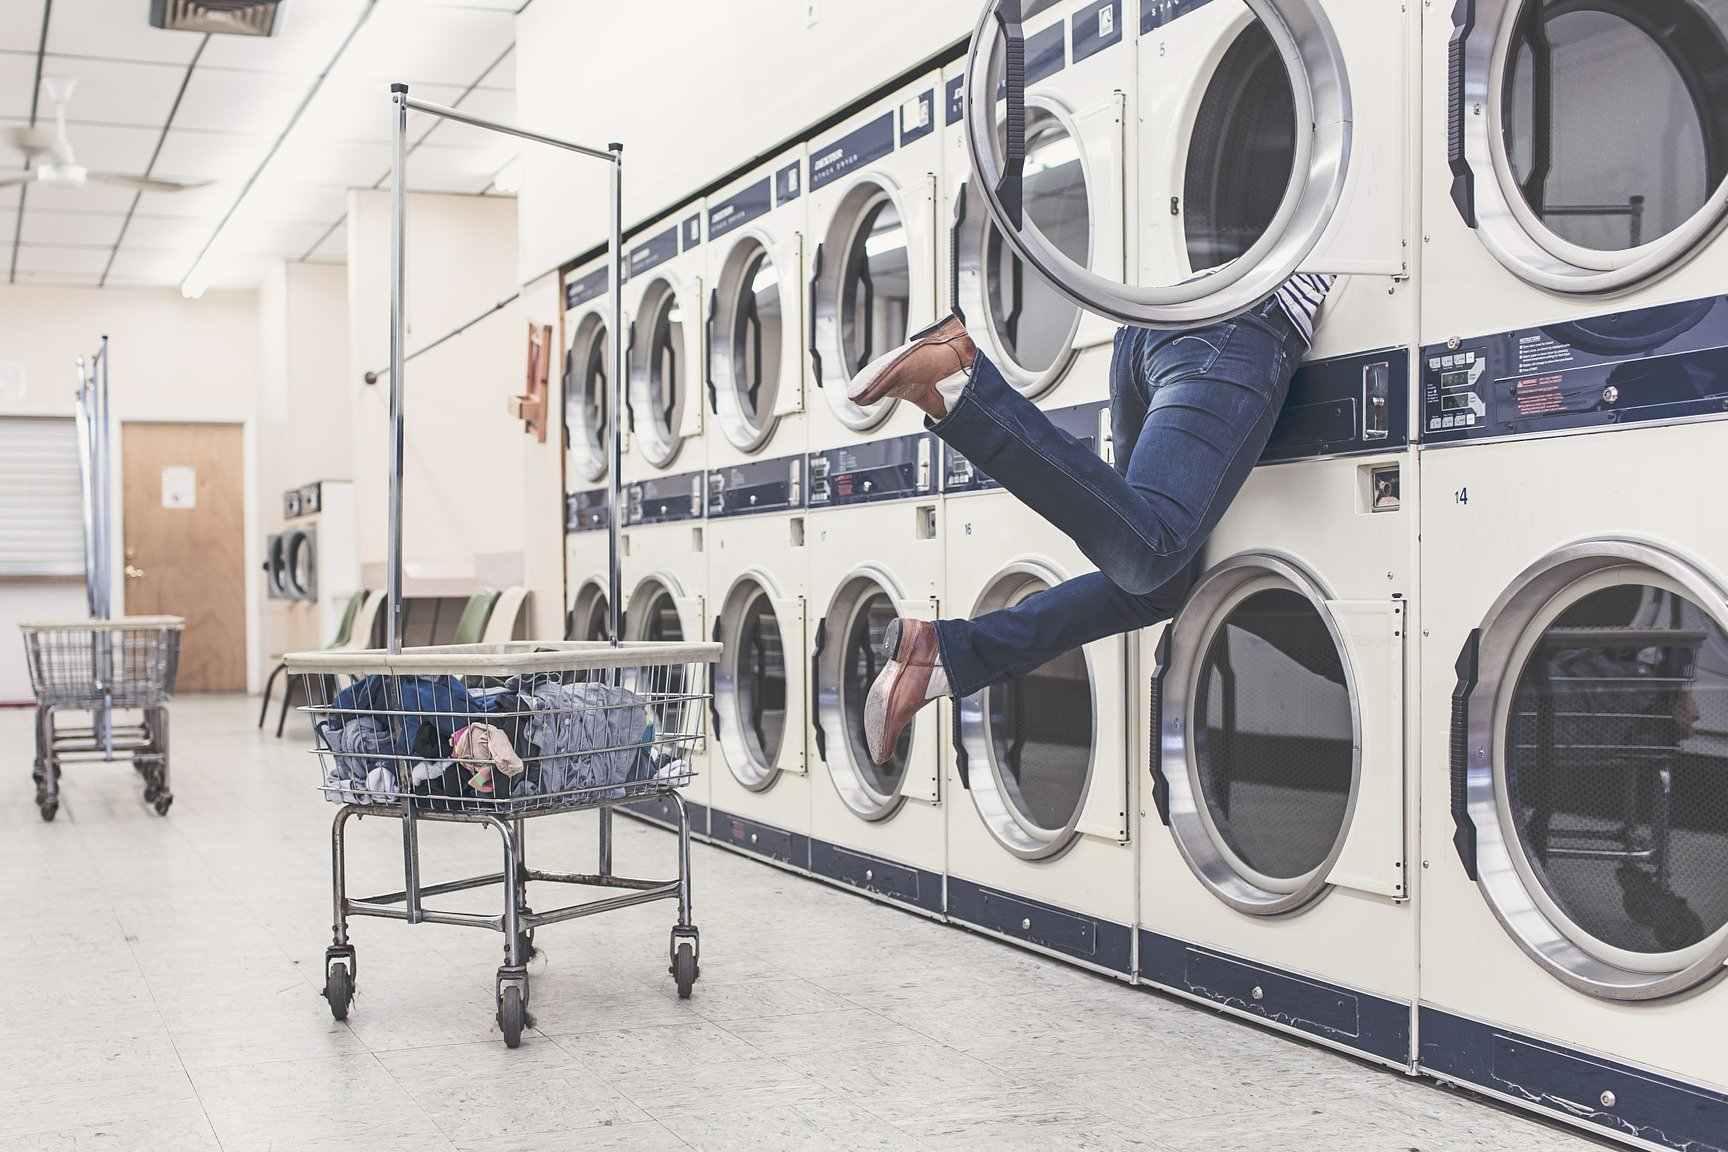 Las lavanderías suman clientes para ahorrar luz en casa